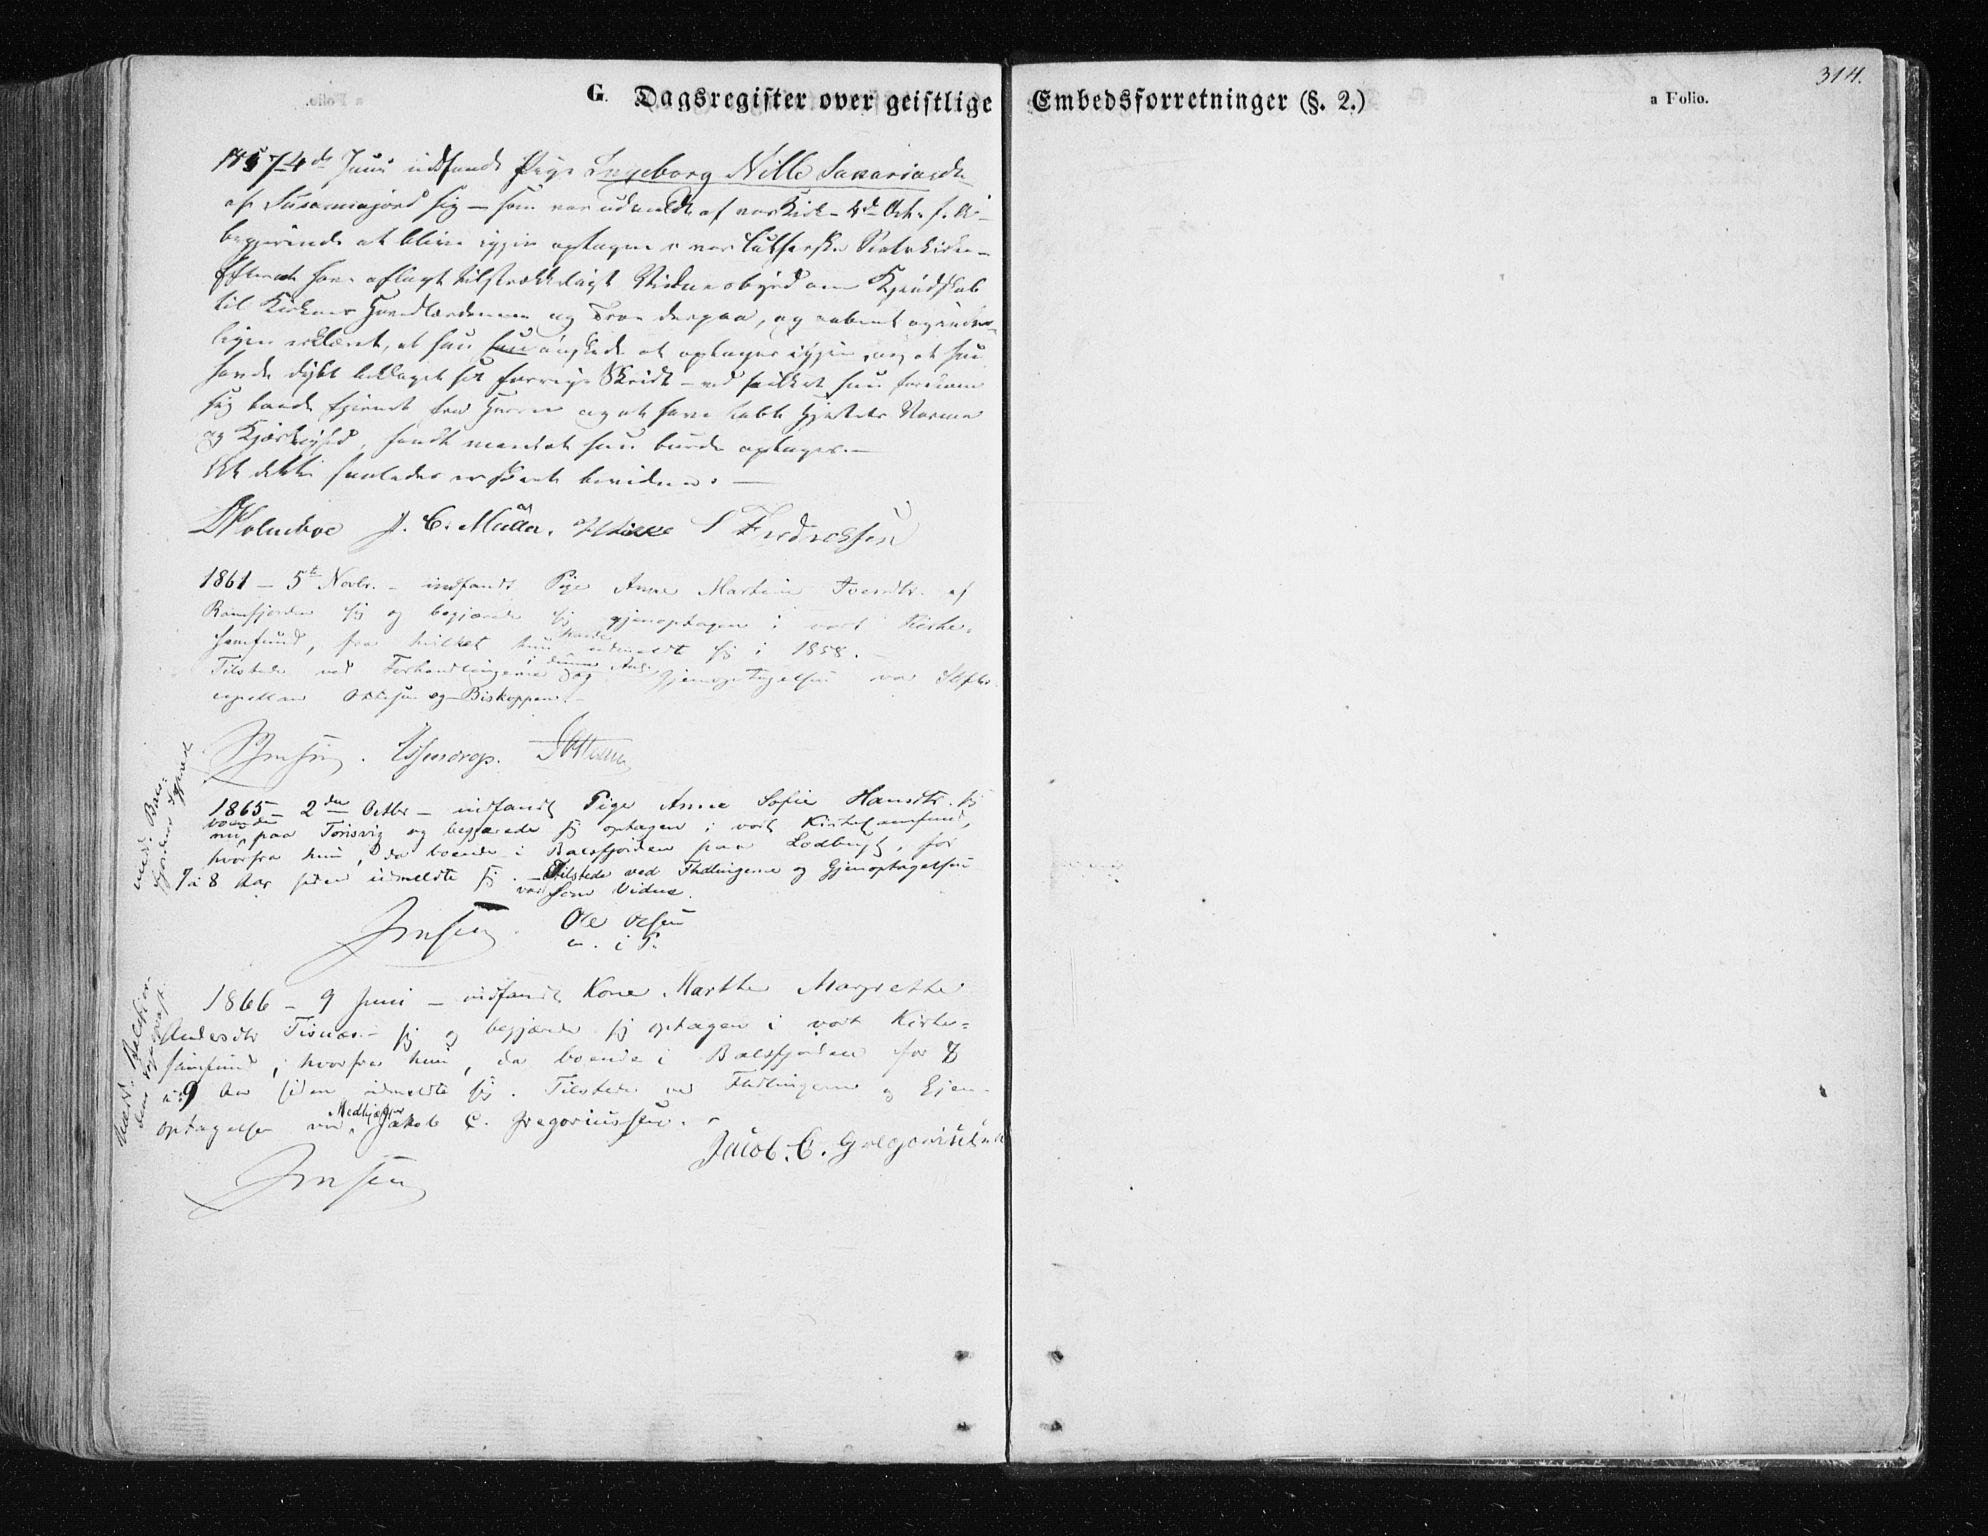 SATØ, Tromsøysund sokneprestkontor, G/Ga/L0001kirke: Ministerialbok nr. 1, 1856-1867, s. 314